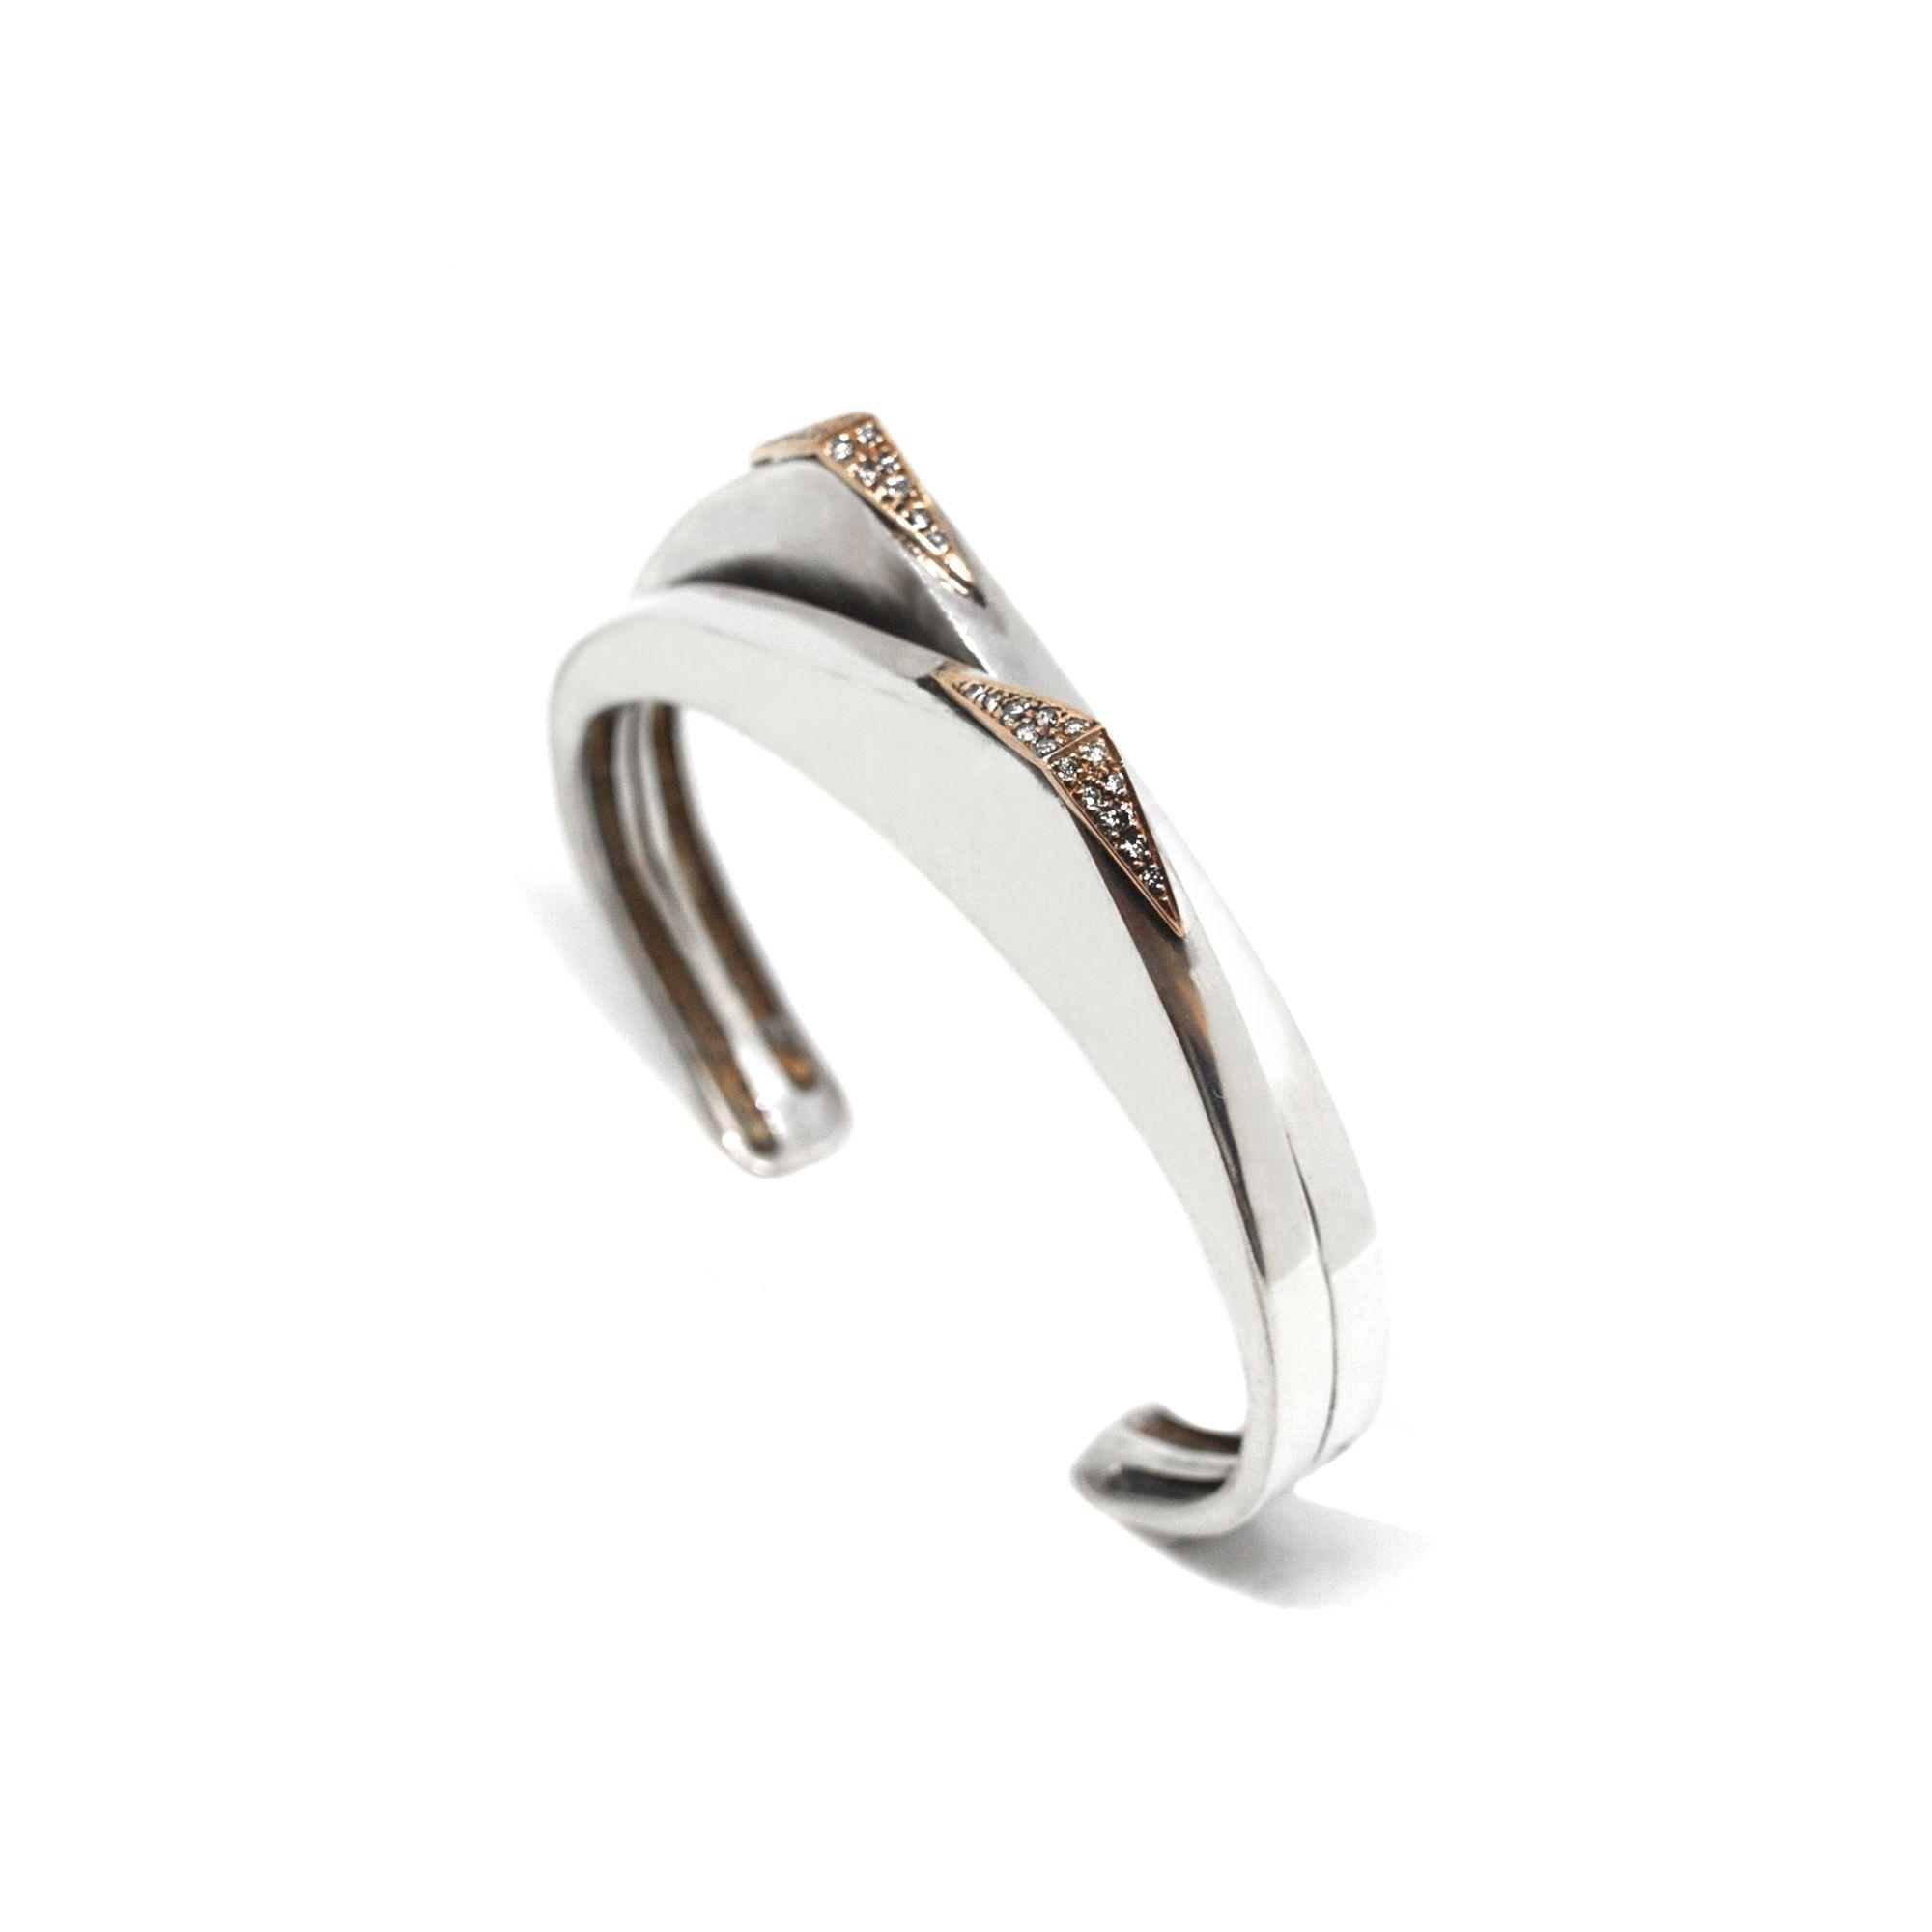 Bracciale 'Congiunzioni' due elementi oro rosa Bracciale in argento, oro rosa e diamanti champagne